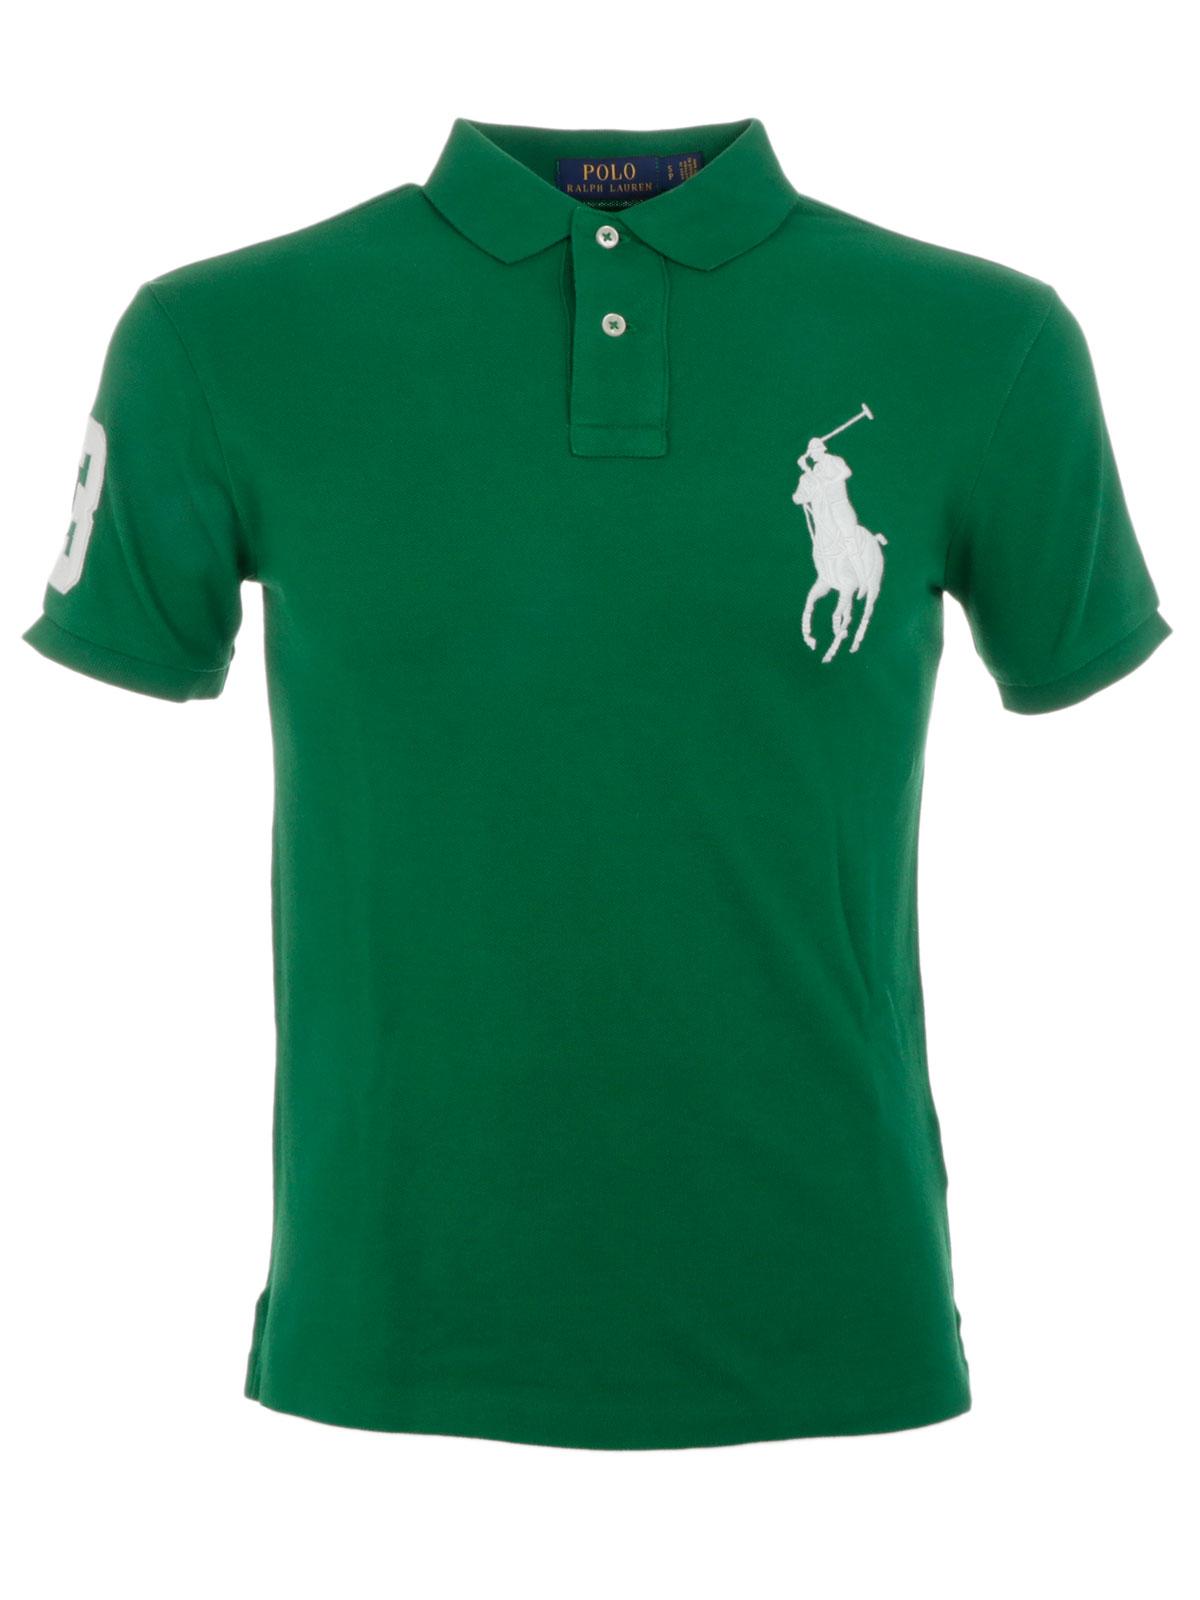 3a810e902 POLO RALPH LAUREN Men s Maxi Logo Polo Shirt Green